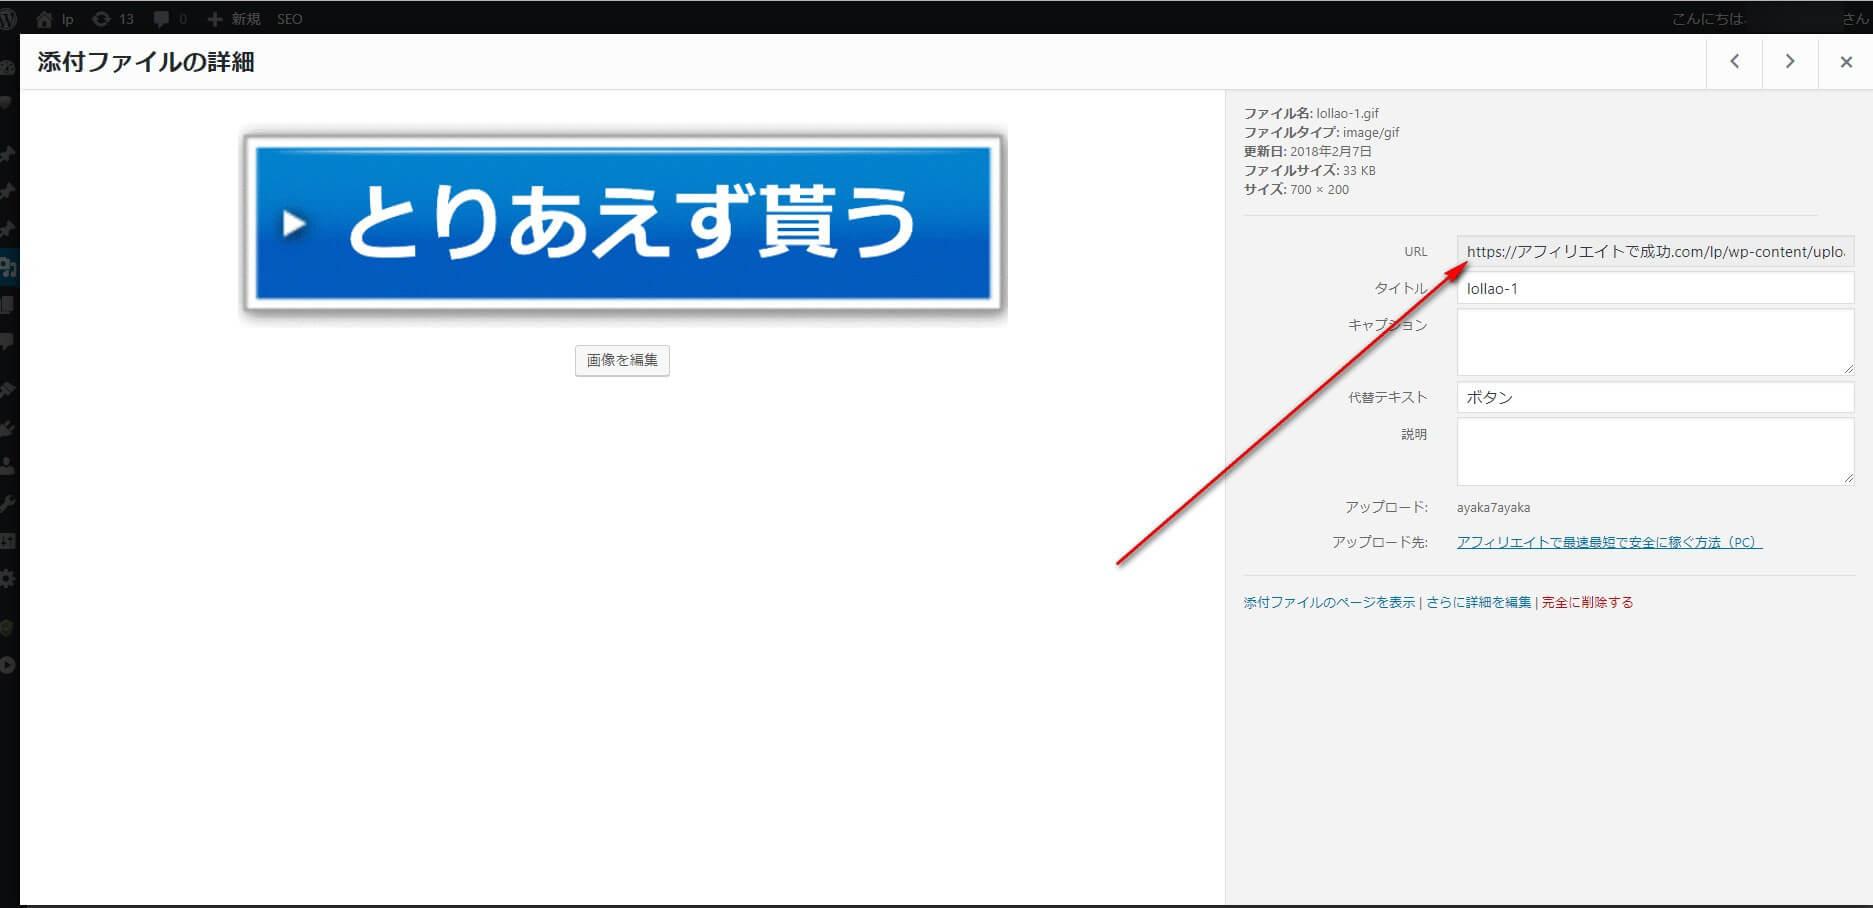 フォームの登録ボタンのURL